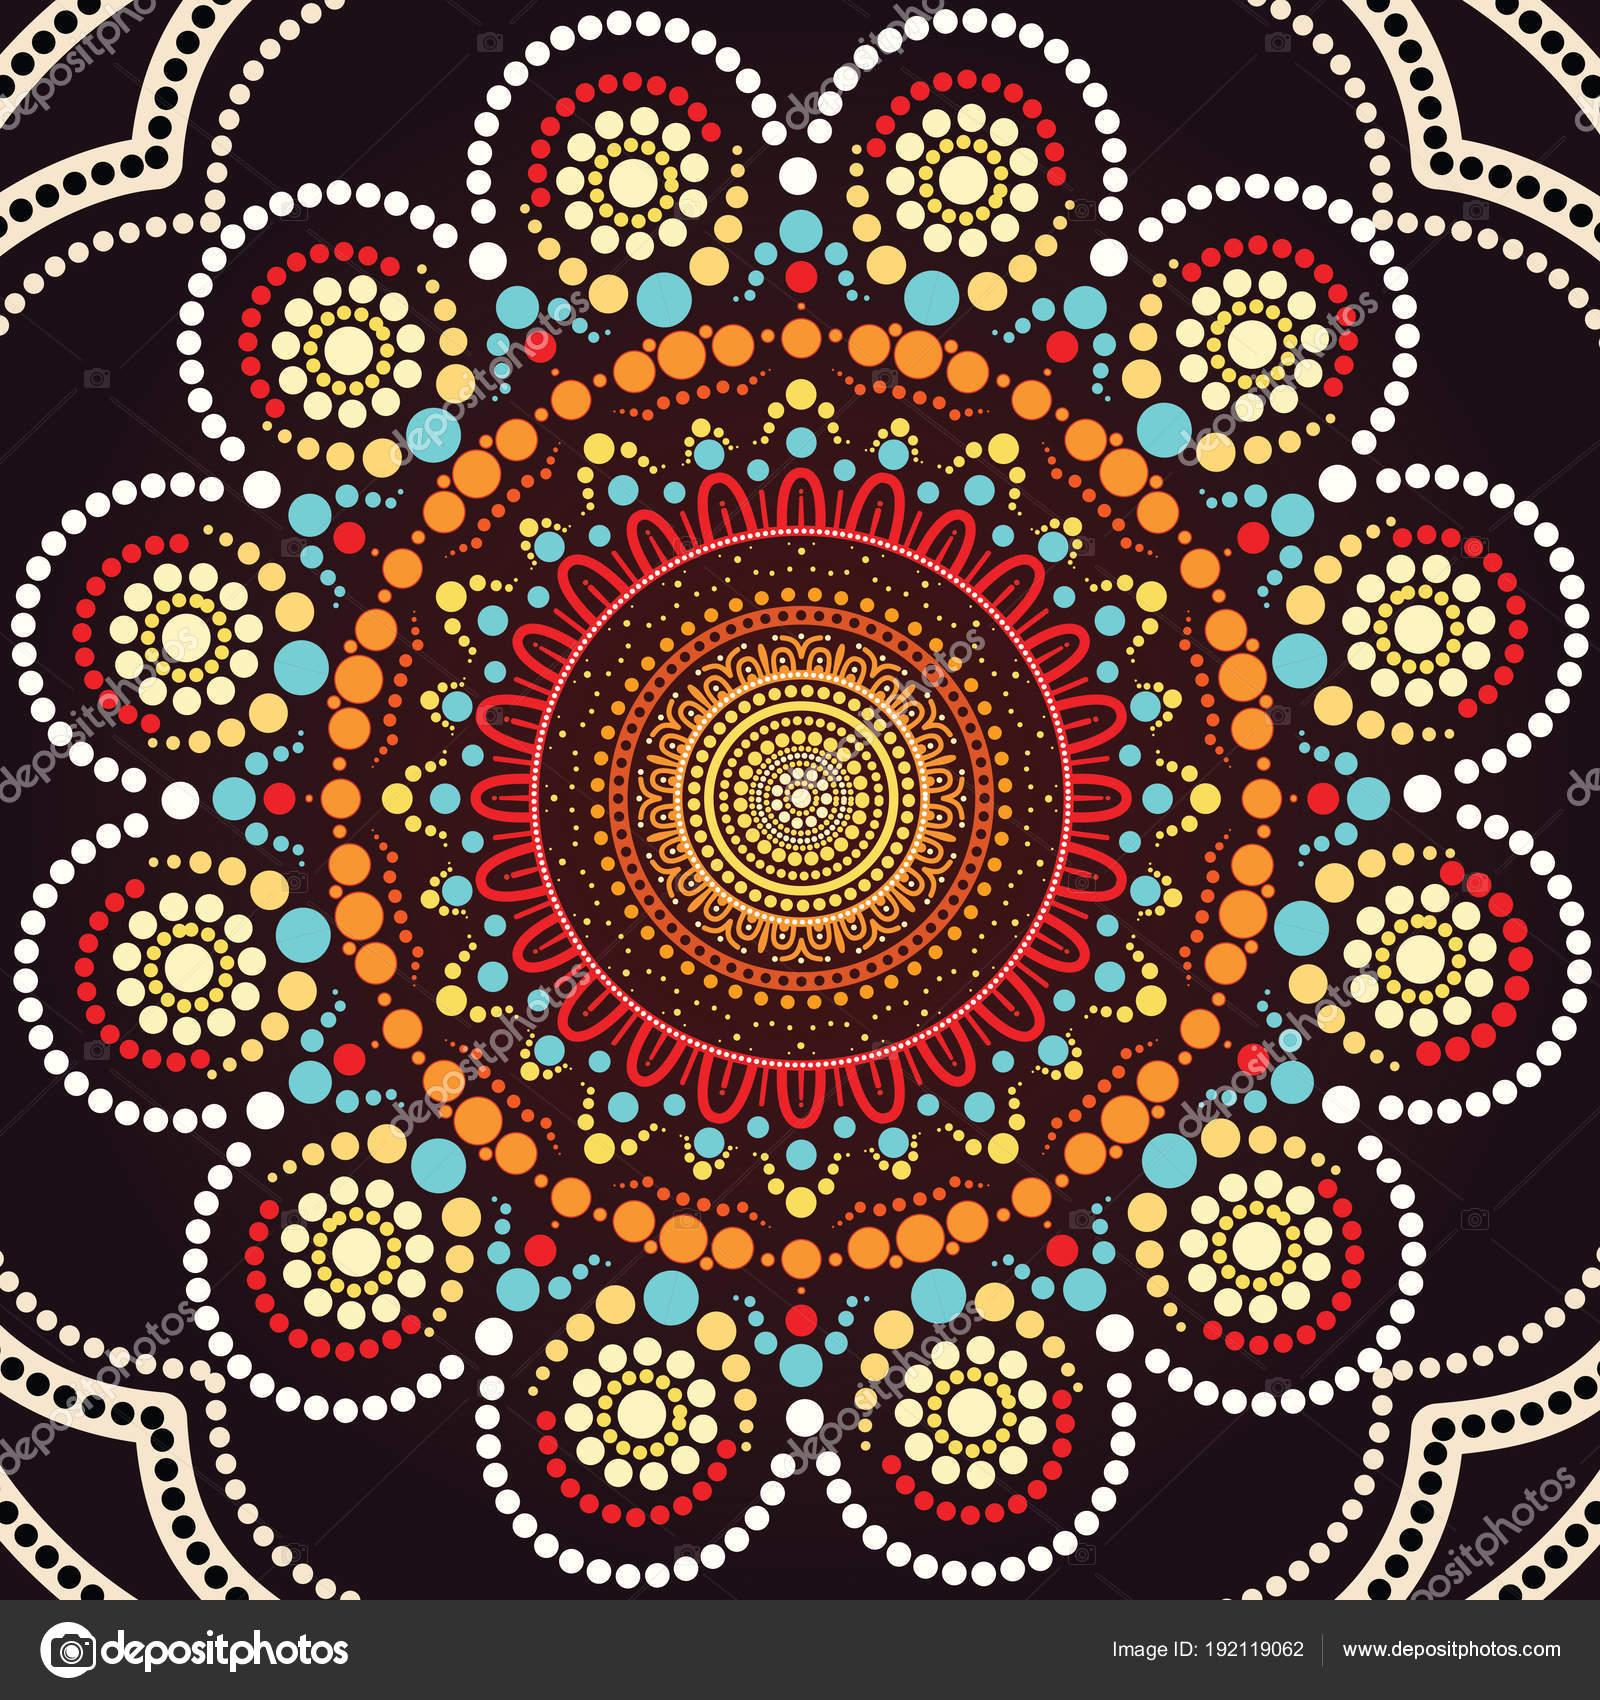 Aboriginal Dot Art Background Illustration Based Aboriginal Style